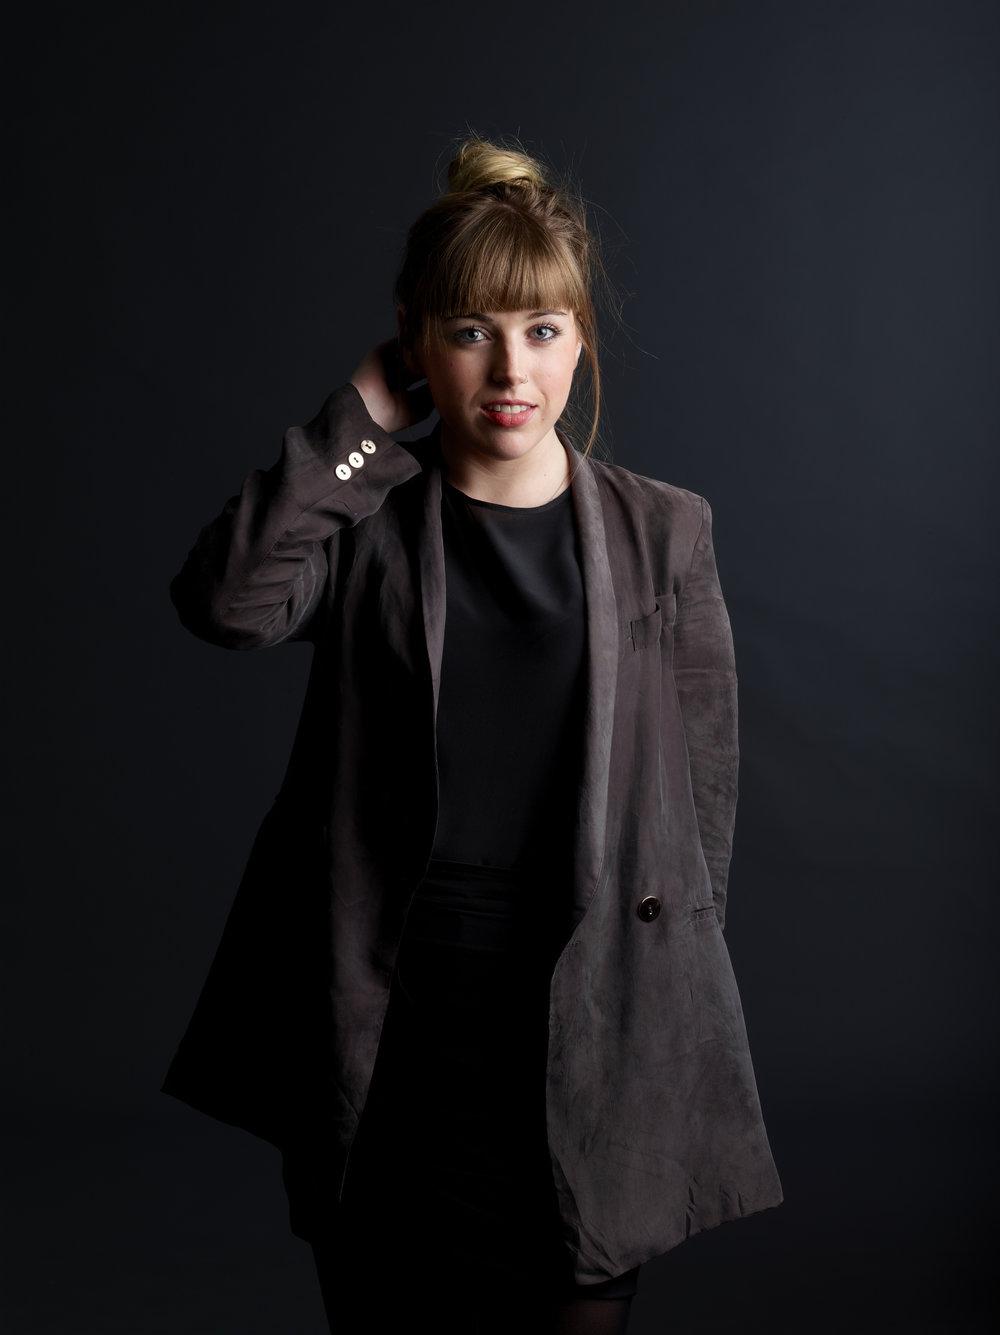 Katie Besgrove | Jim Lawrie and Coach Bombay